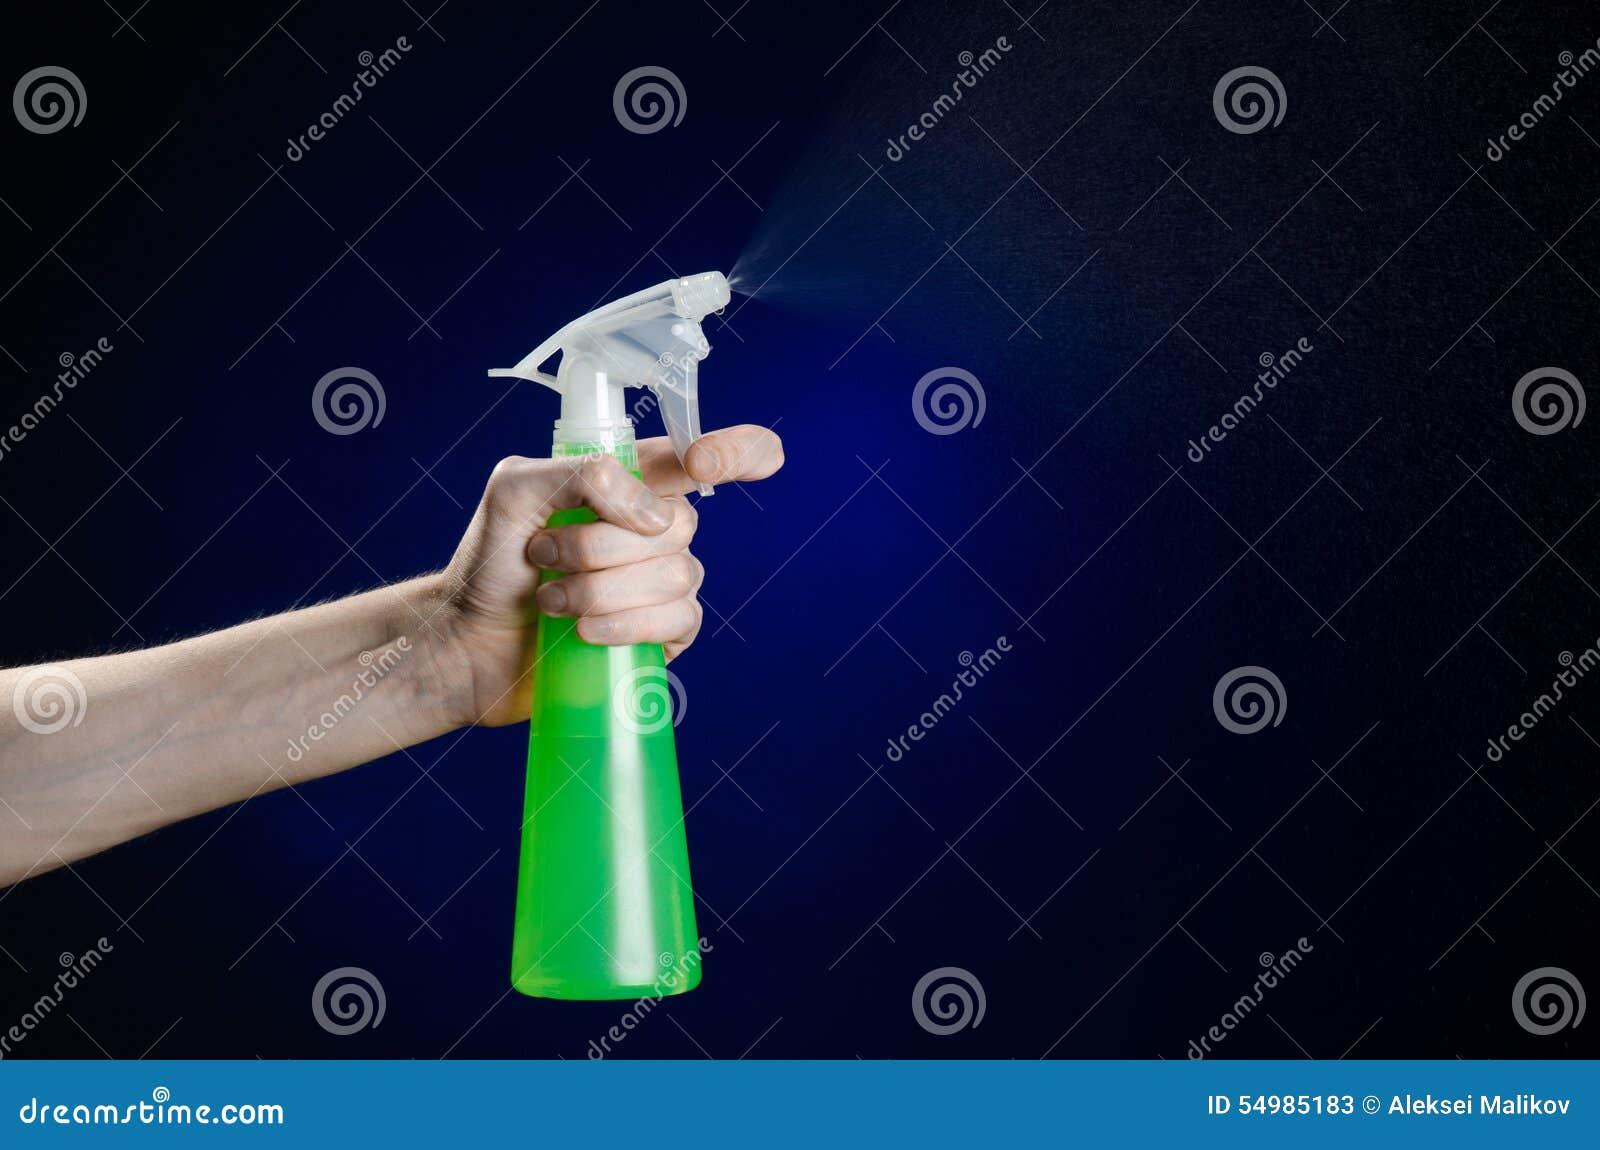 Göra ren hus- och rengöringsmedeltemat: mans hand som rymmer en grön sprejflaska för att göra ren på ett mörker - blå bakgrund